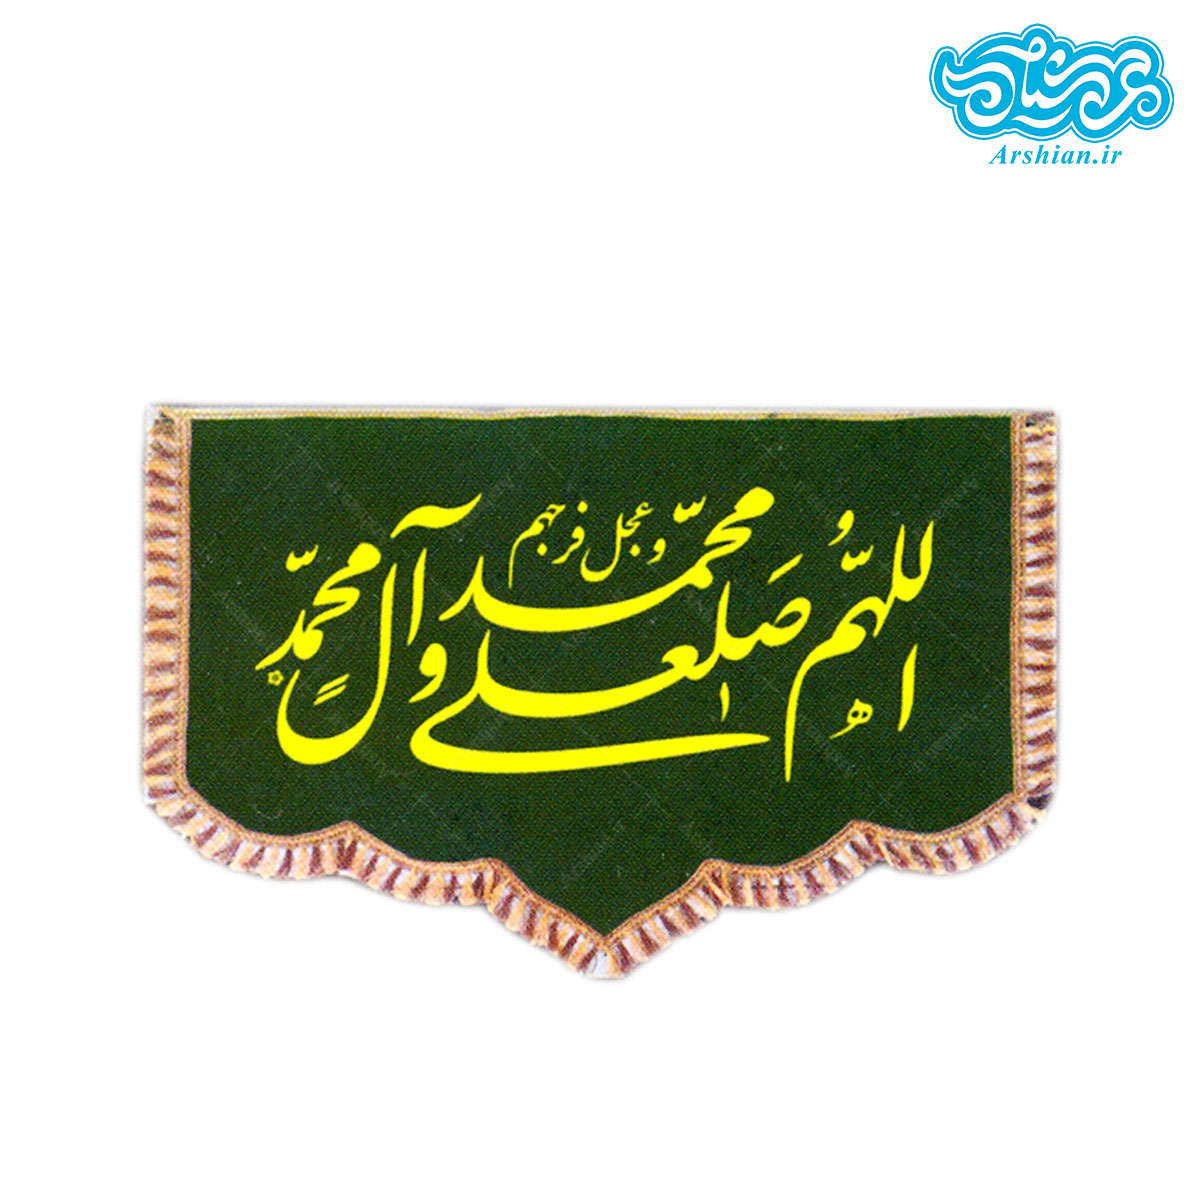 پرچم مخمل پشت منبری صلوات کد 003